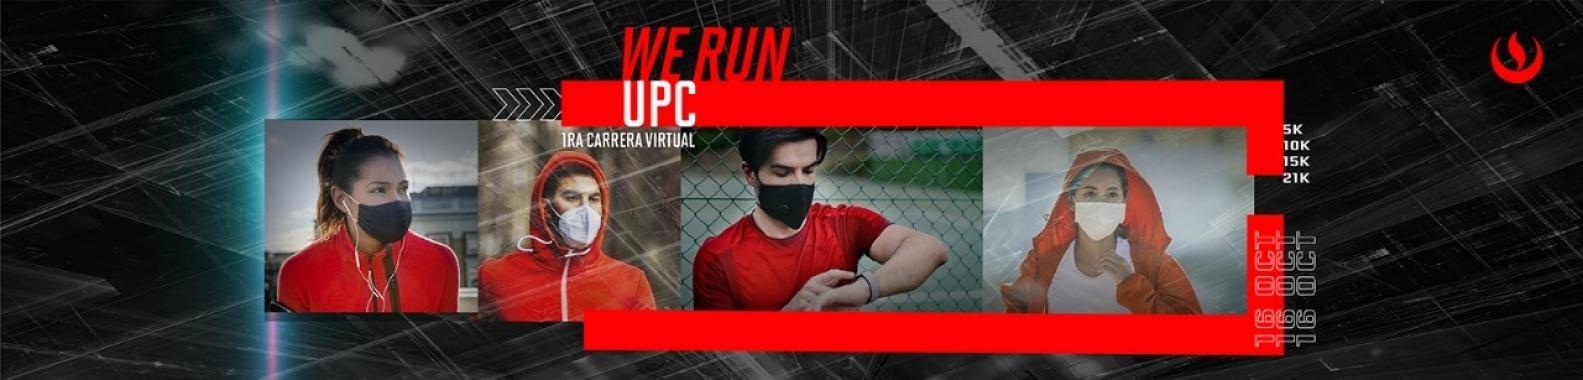 We Run UPC